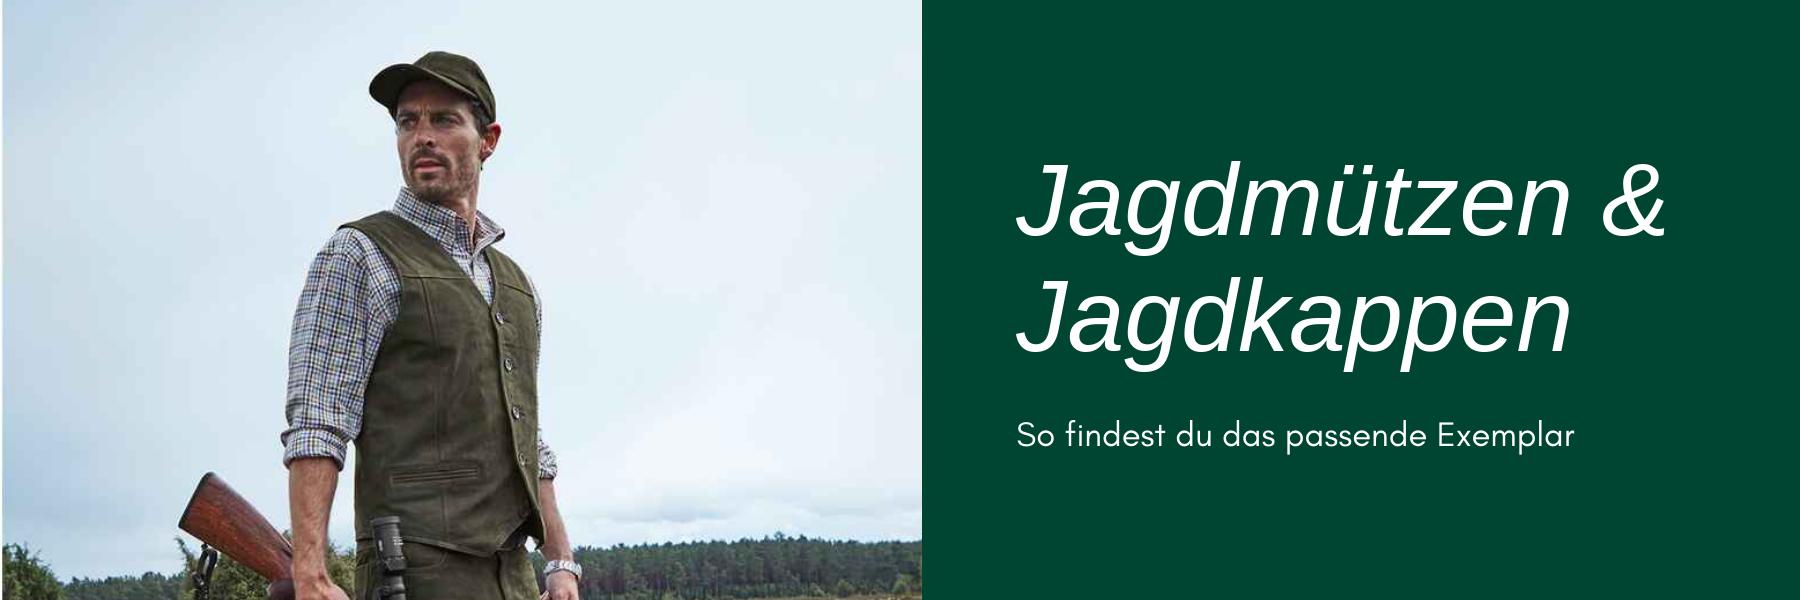 Jagdmütze & Jagdkappe - Kaufberatung & Modelle